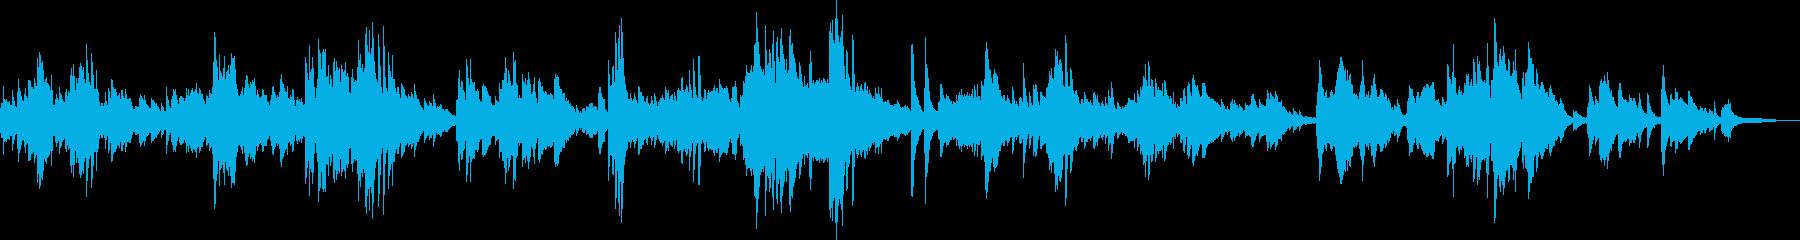 美しき人生(ピアノ・エレガンス・喜び)の再生済みの波形